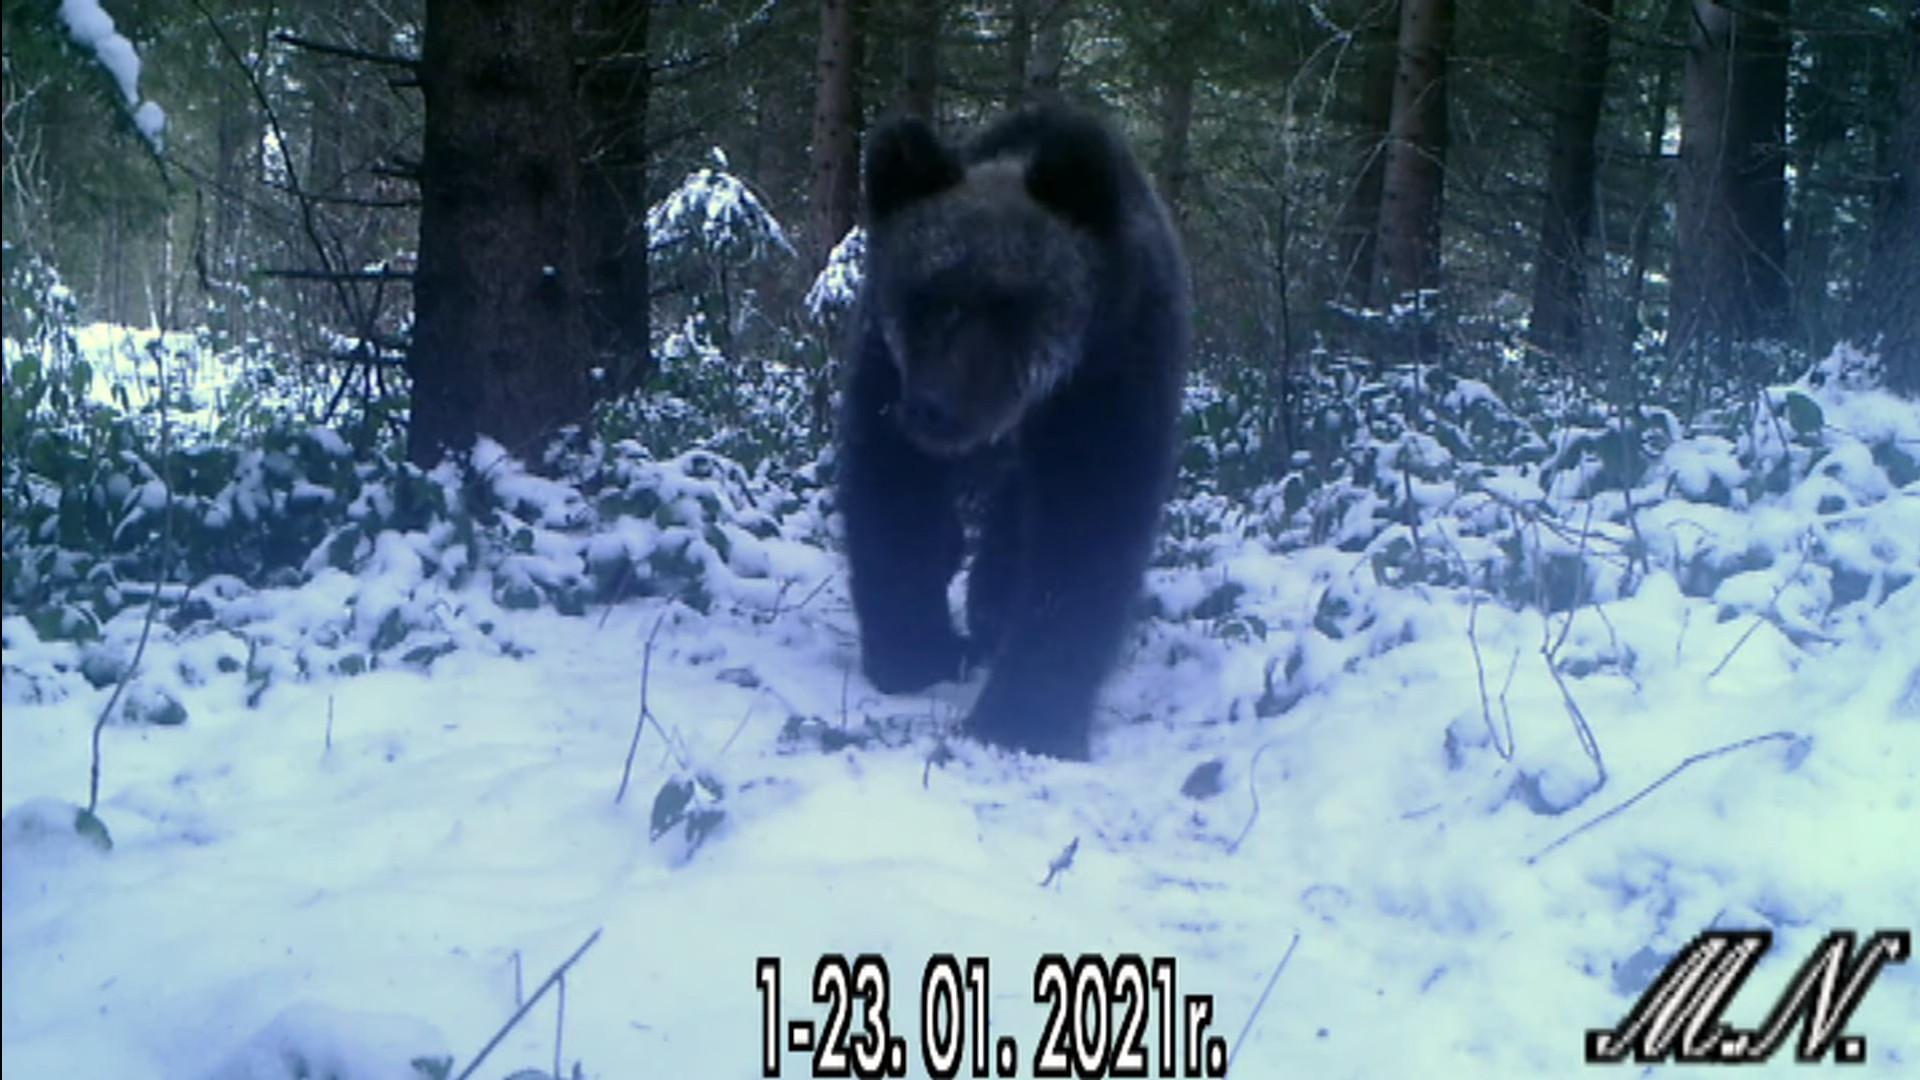 Niedźwiedzie w Bieszczadach nie zapadły w sen zimowy - Zdjęcie główne